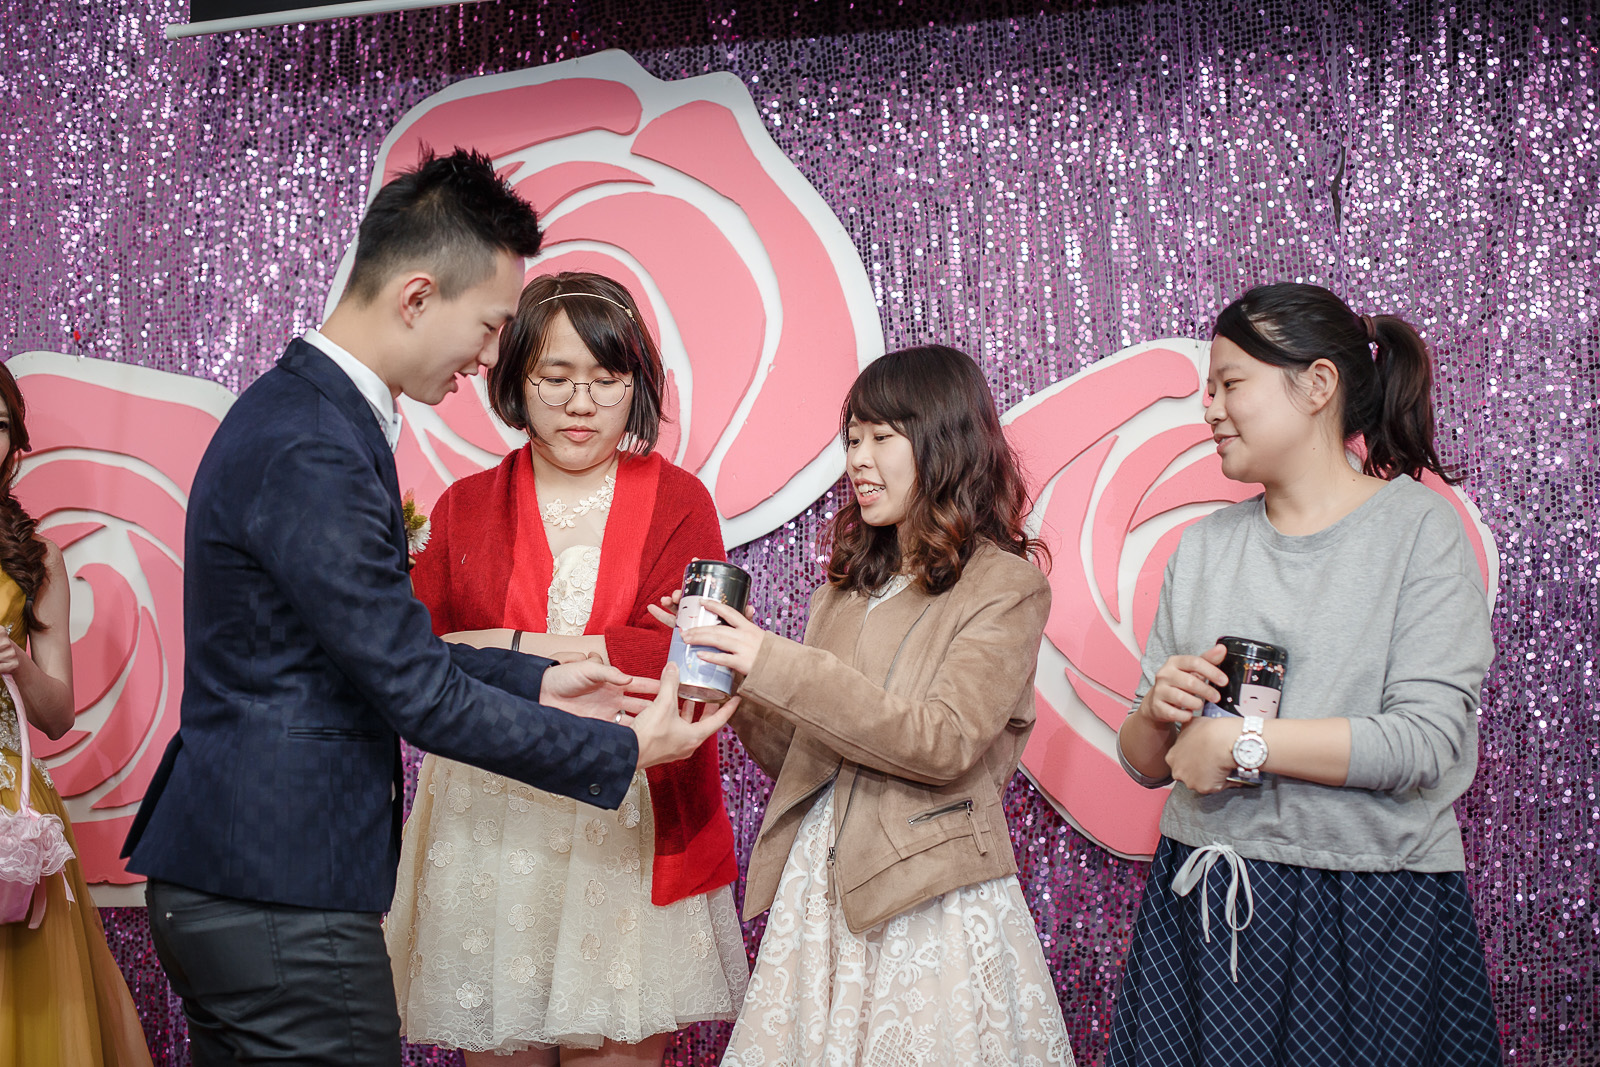 高雄圓山飯店,婚禮攝影,婚攝,高雄婚攝,優質婚攝推薦,Jen&Ethan-307